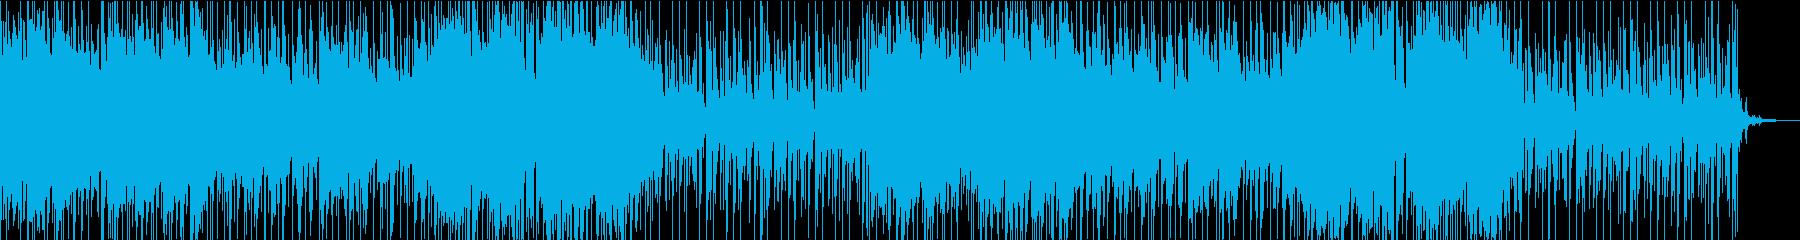 映像向けバラードBGMの再生済みの波形